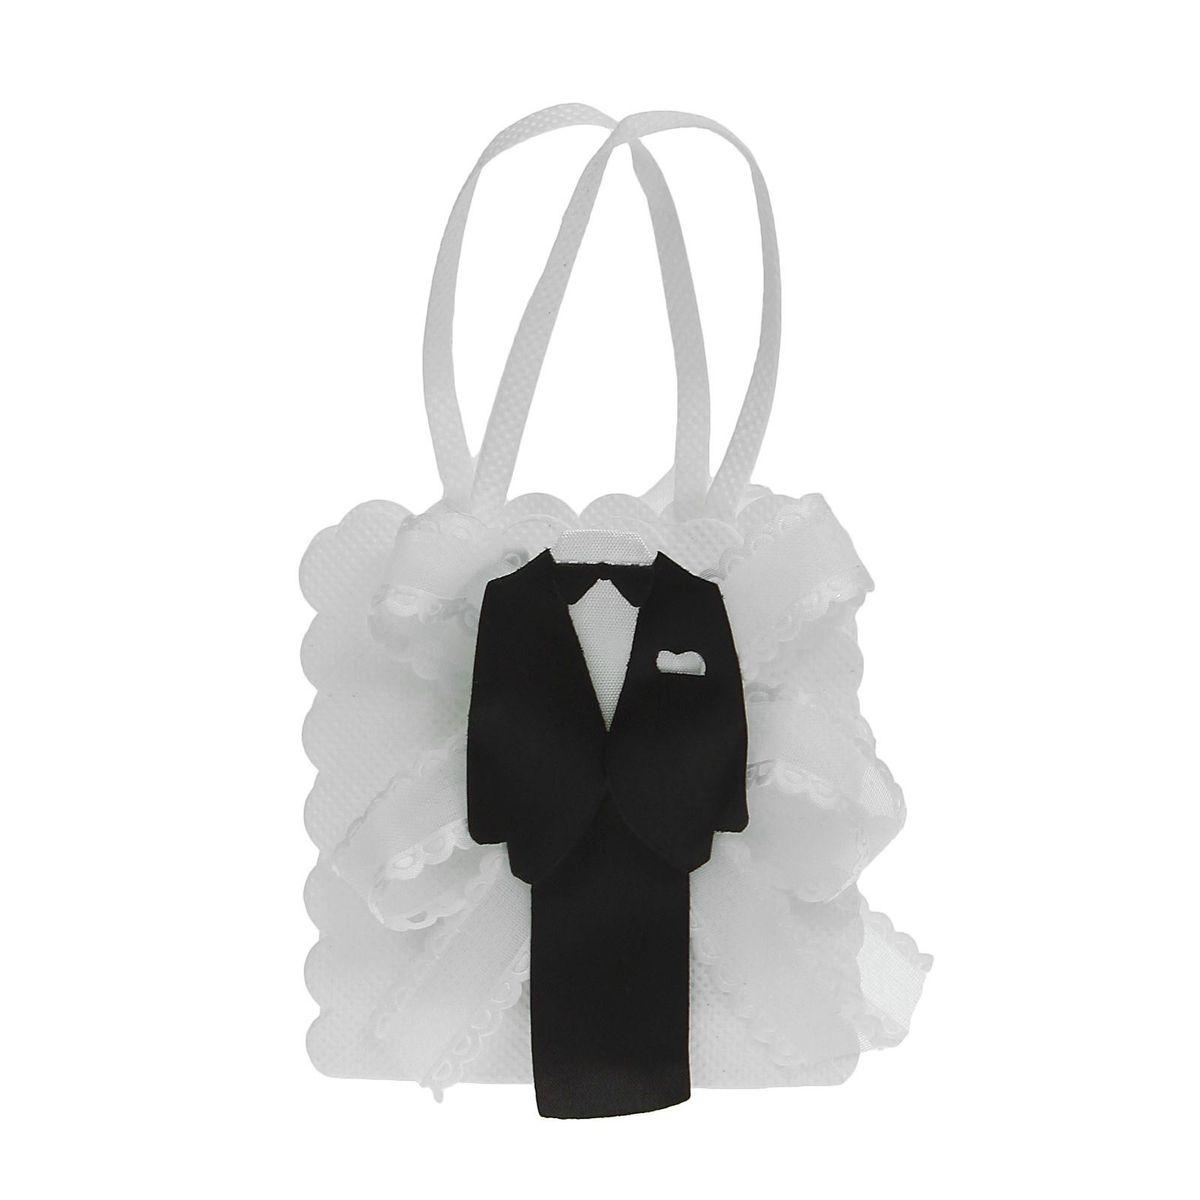 Бонбоньерка Sima-land Жених и невеста, цвет: белый, 3 x 7,5 x 8,5 см1173849Свадебные аксессуары — это финальный аккорд в оформлении праздника. Бонбоньерка Жених и невеста — атрибут, который поможет в создании стиля помещения, общей цветовой гаммы и усилит впечатления от главного дня в жизни любой пары. Изящный аксессуар придаст вашему торжеству зрелищности и яркости, создав нужное настроение. В яркую сумочку вы сможете упаковать сладкое угощение для своих гостей, например конфетки. Этот сувенир станет приятным сюрпризом для дорогих сердцу людей, символом вашей благодарности и заботы о них.